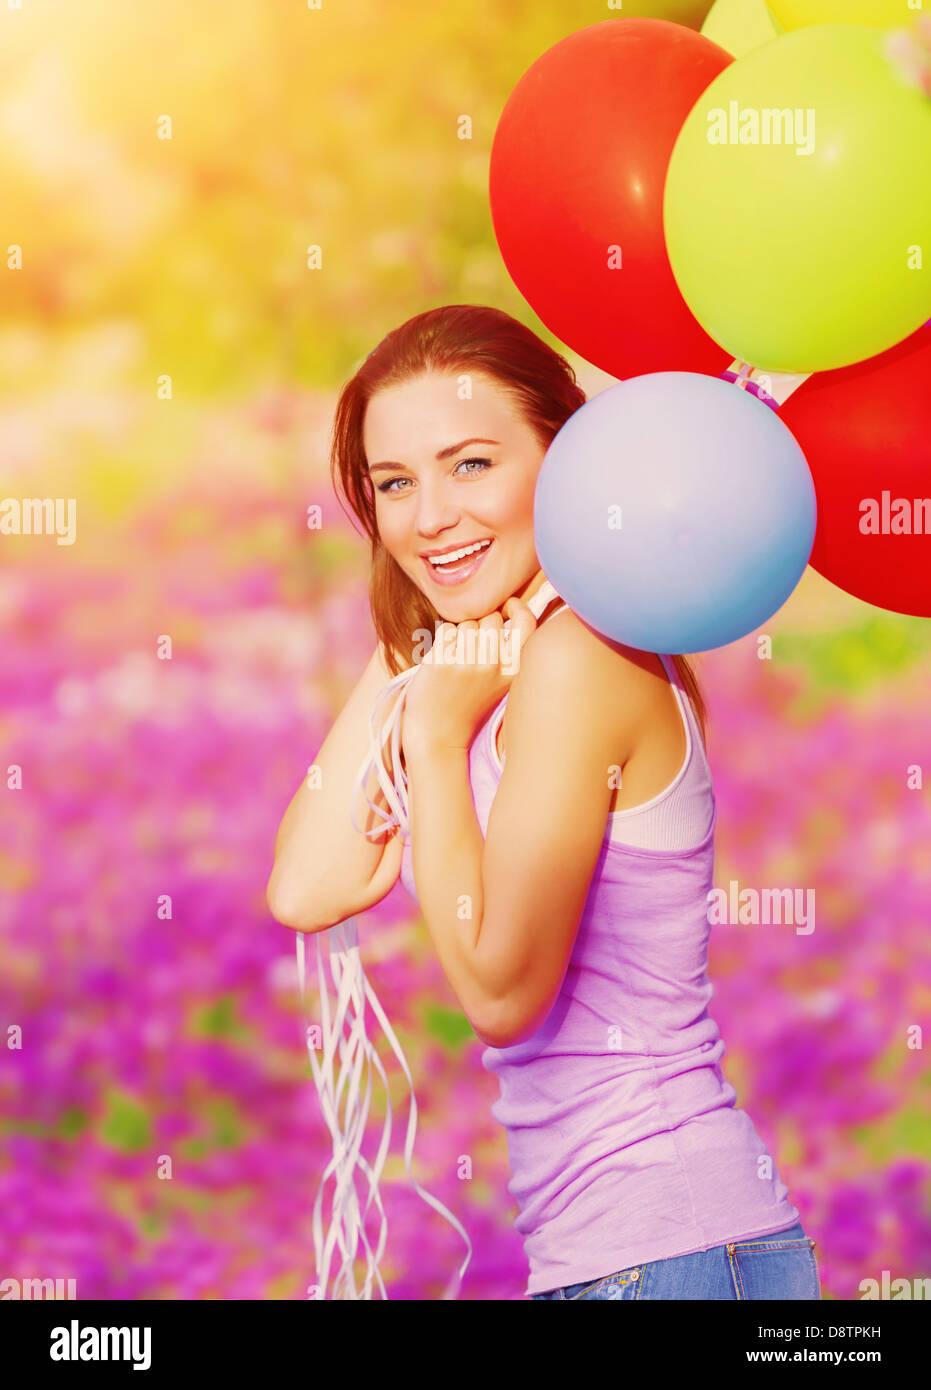 Jolie femme gaie s'amusant avec des tas de ballons colorés dans jardin de printemps, anniversaire, bonheur Photo Stock